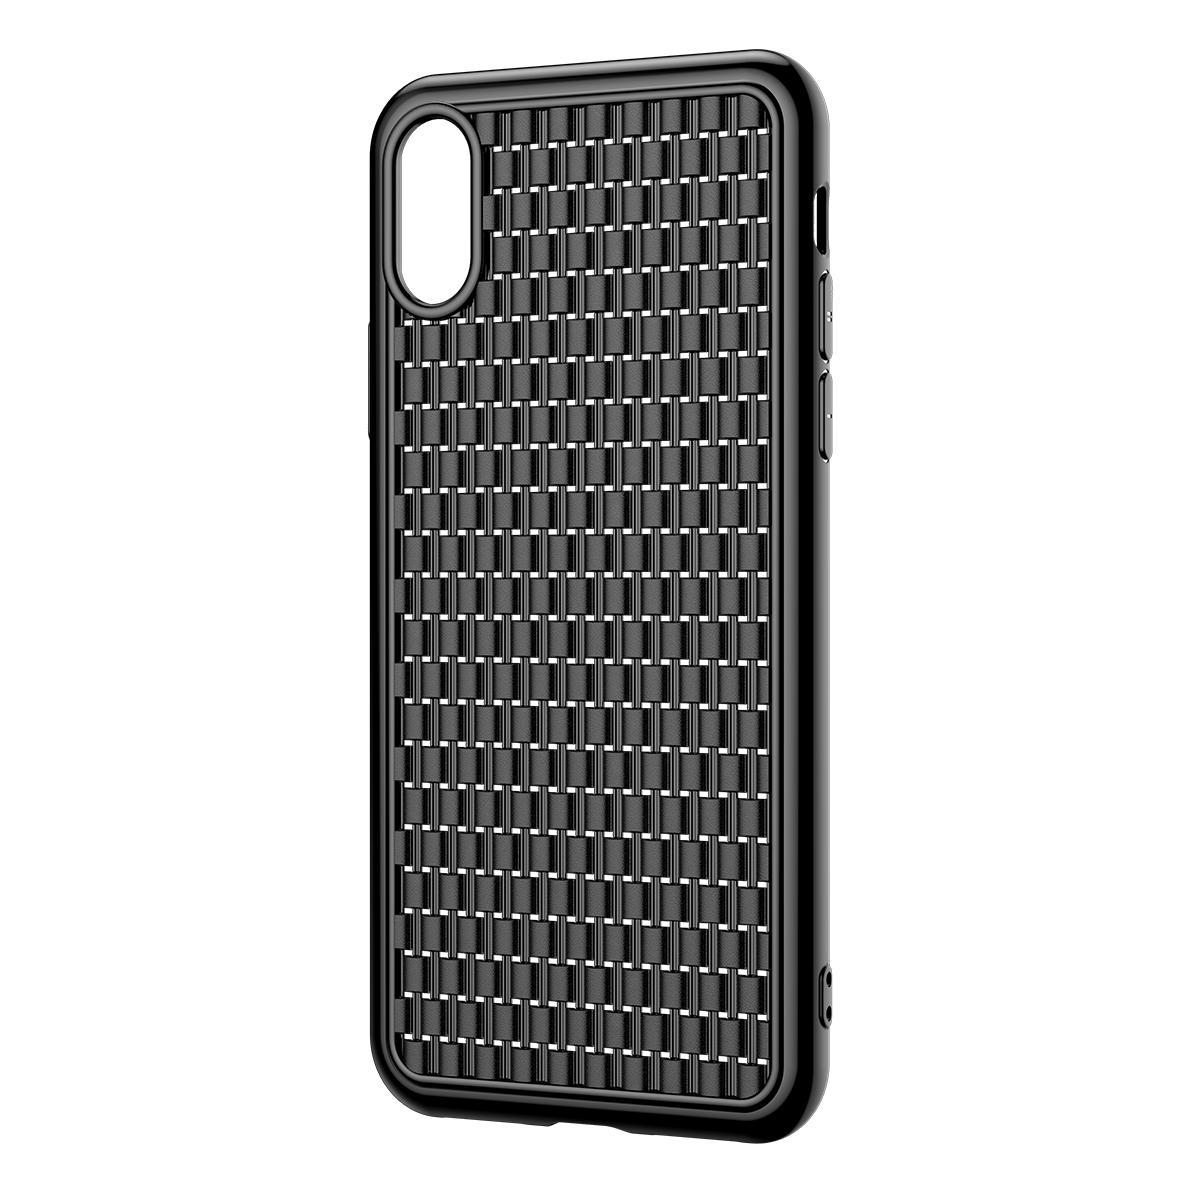 Baseus Custodia protettiva per iPhone XS Dissipazione di calore massima Soft Cover posteriore in TPU